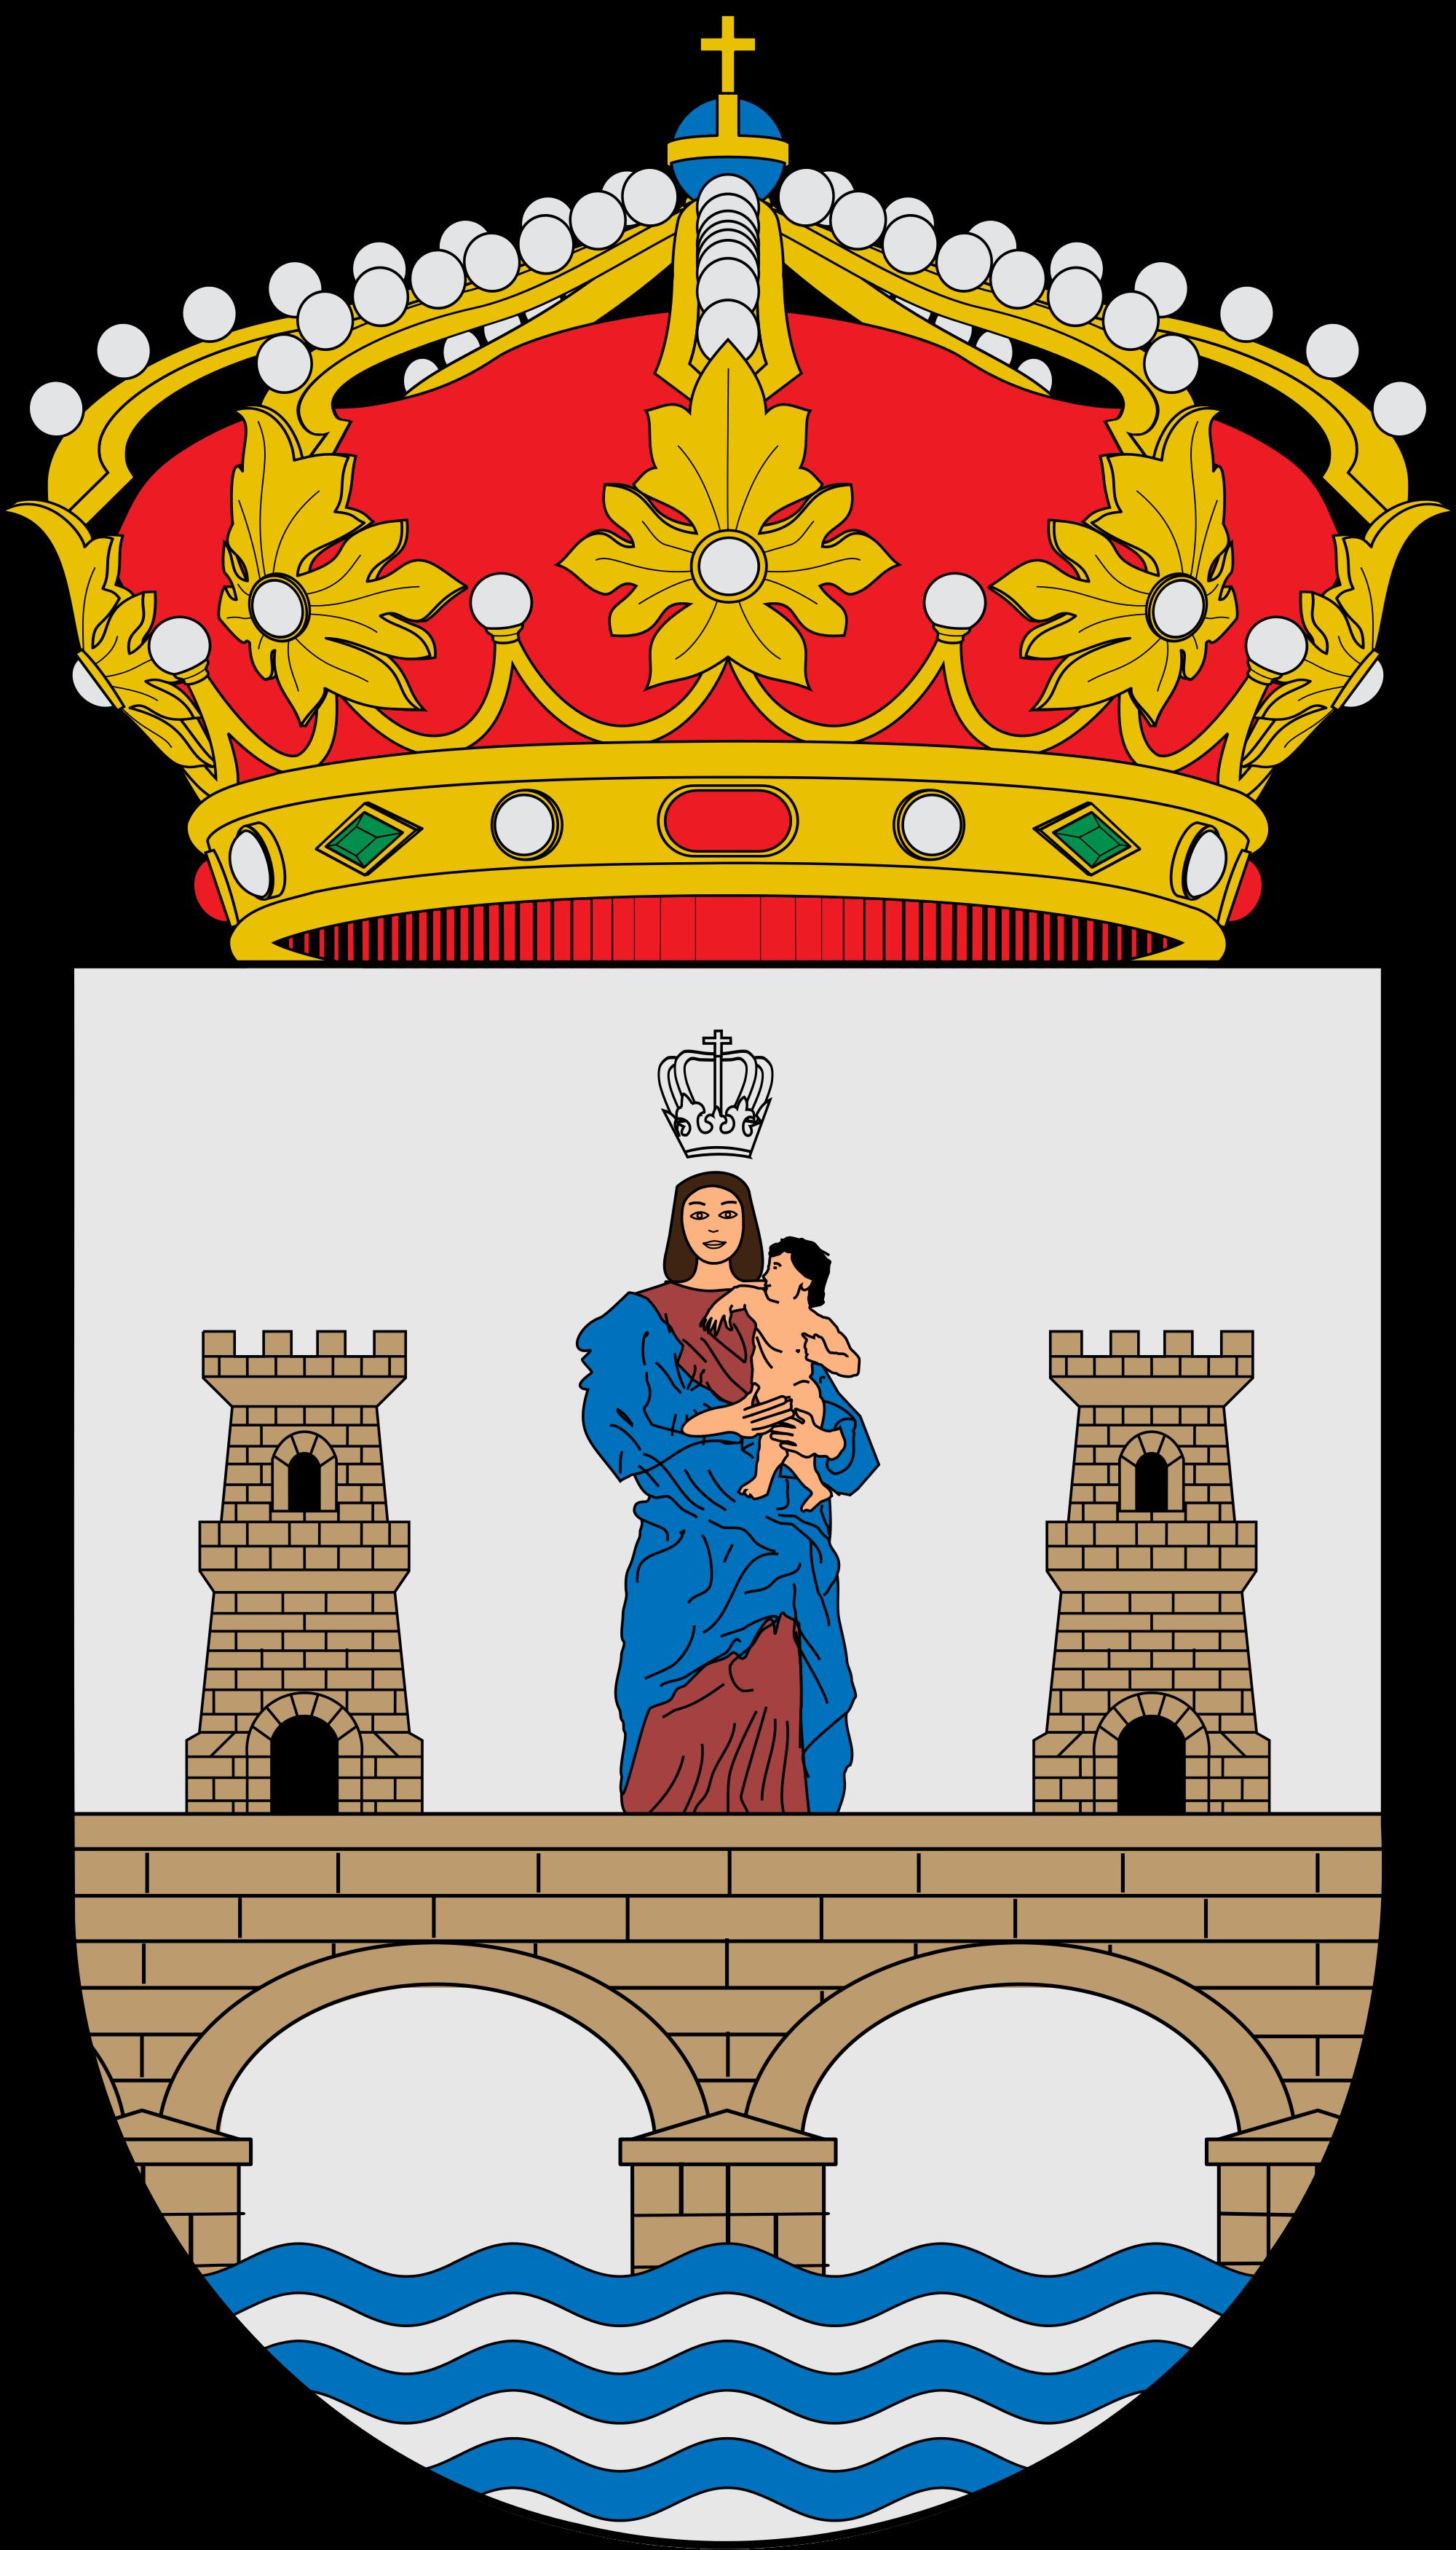 File:Escudo de Benavente.svg.